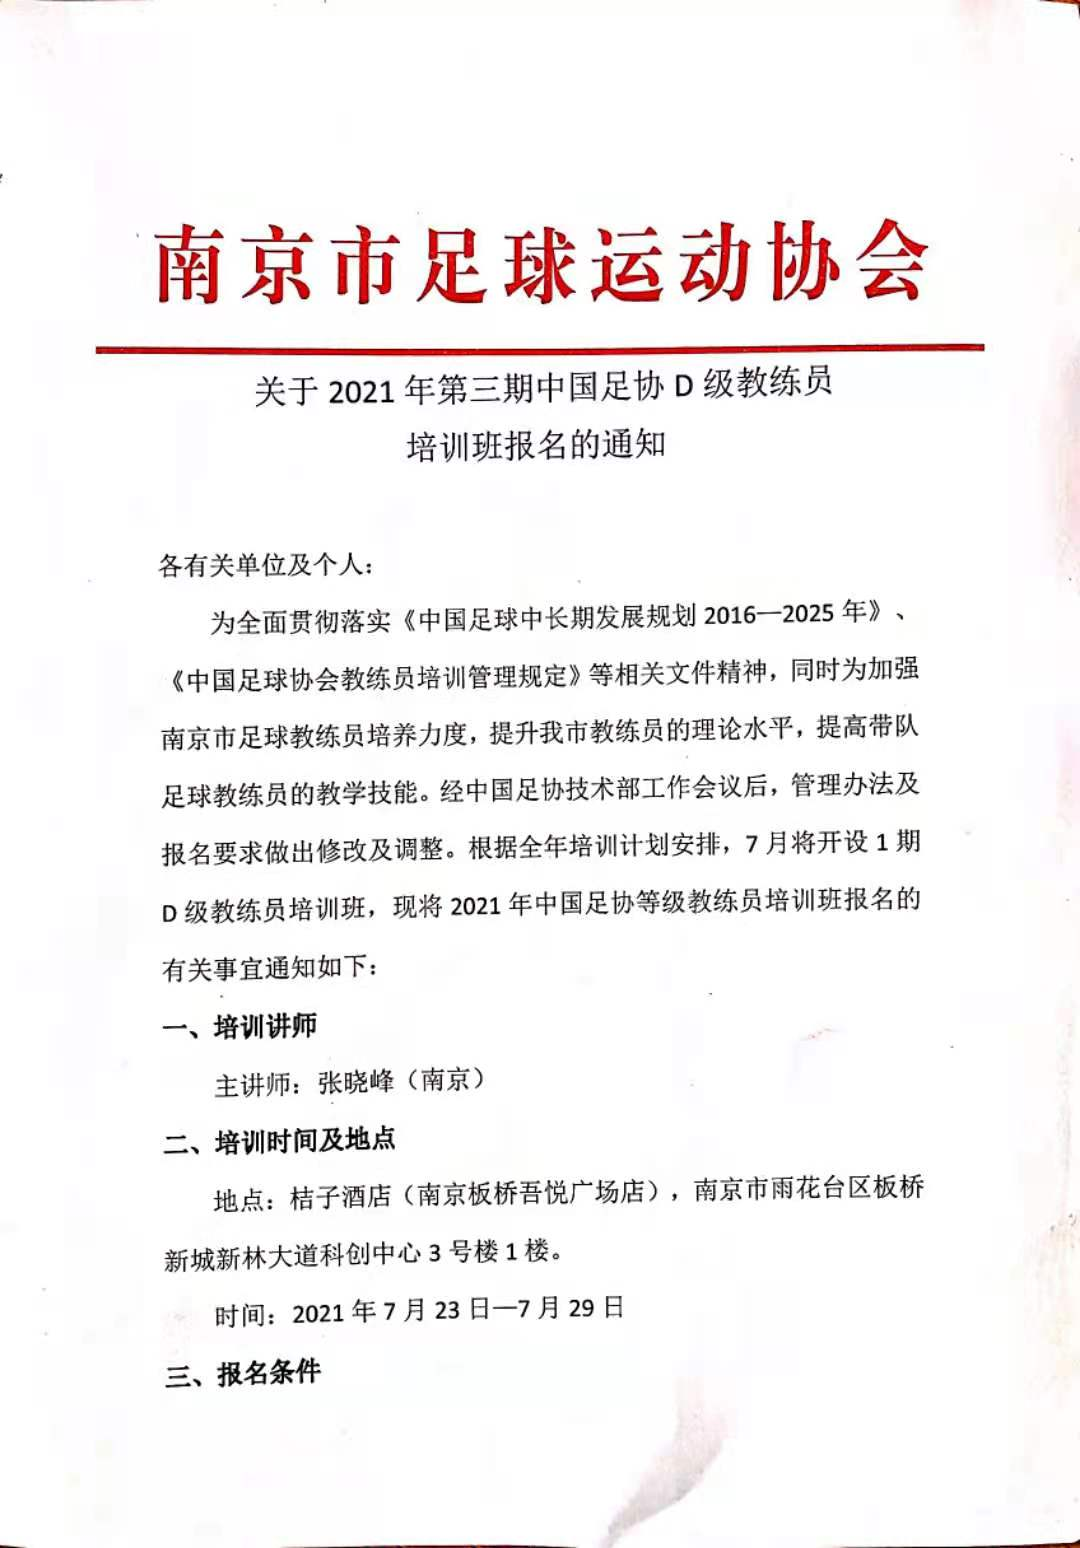 南京市足球运动协会关于2021年第三期中国足协D级教练员培训班报名的通知